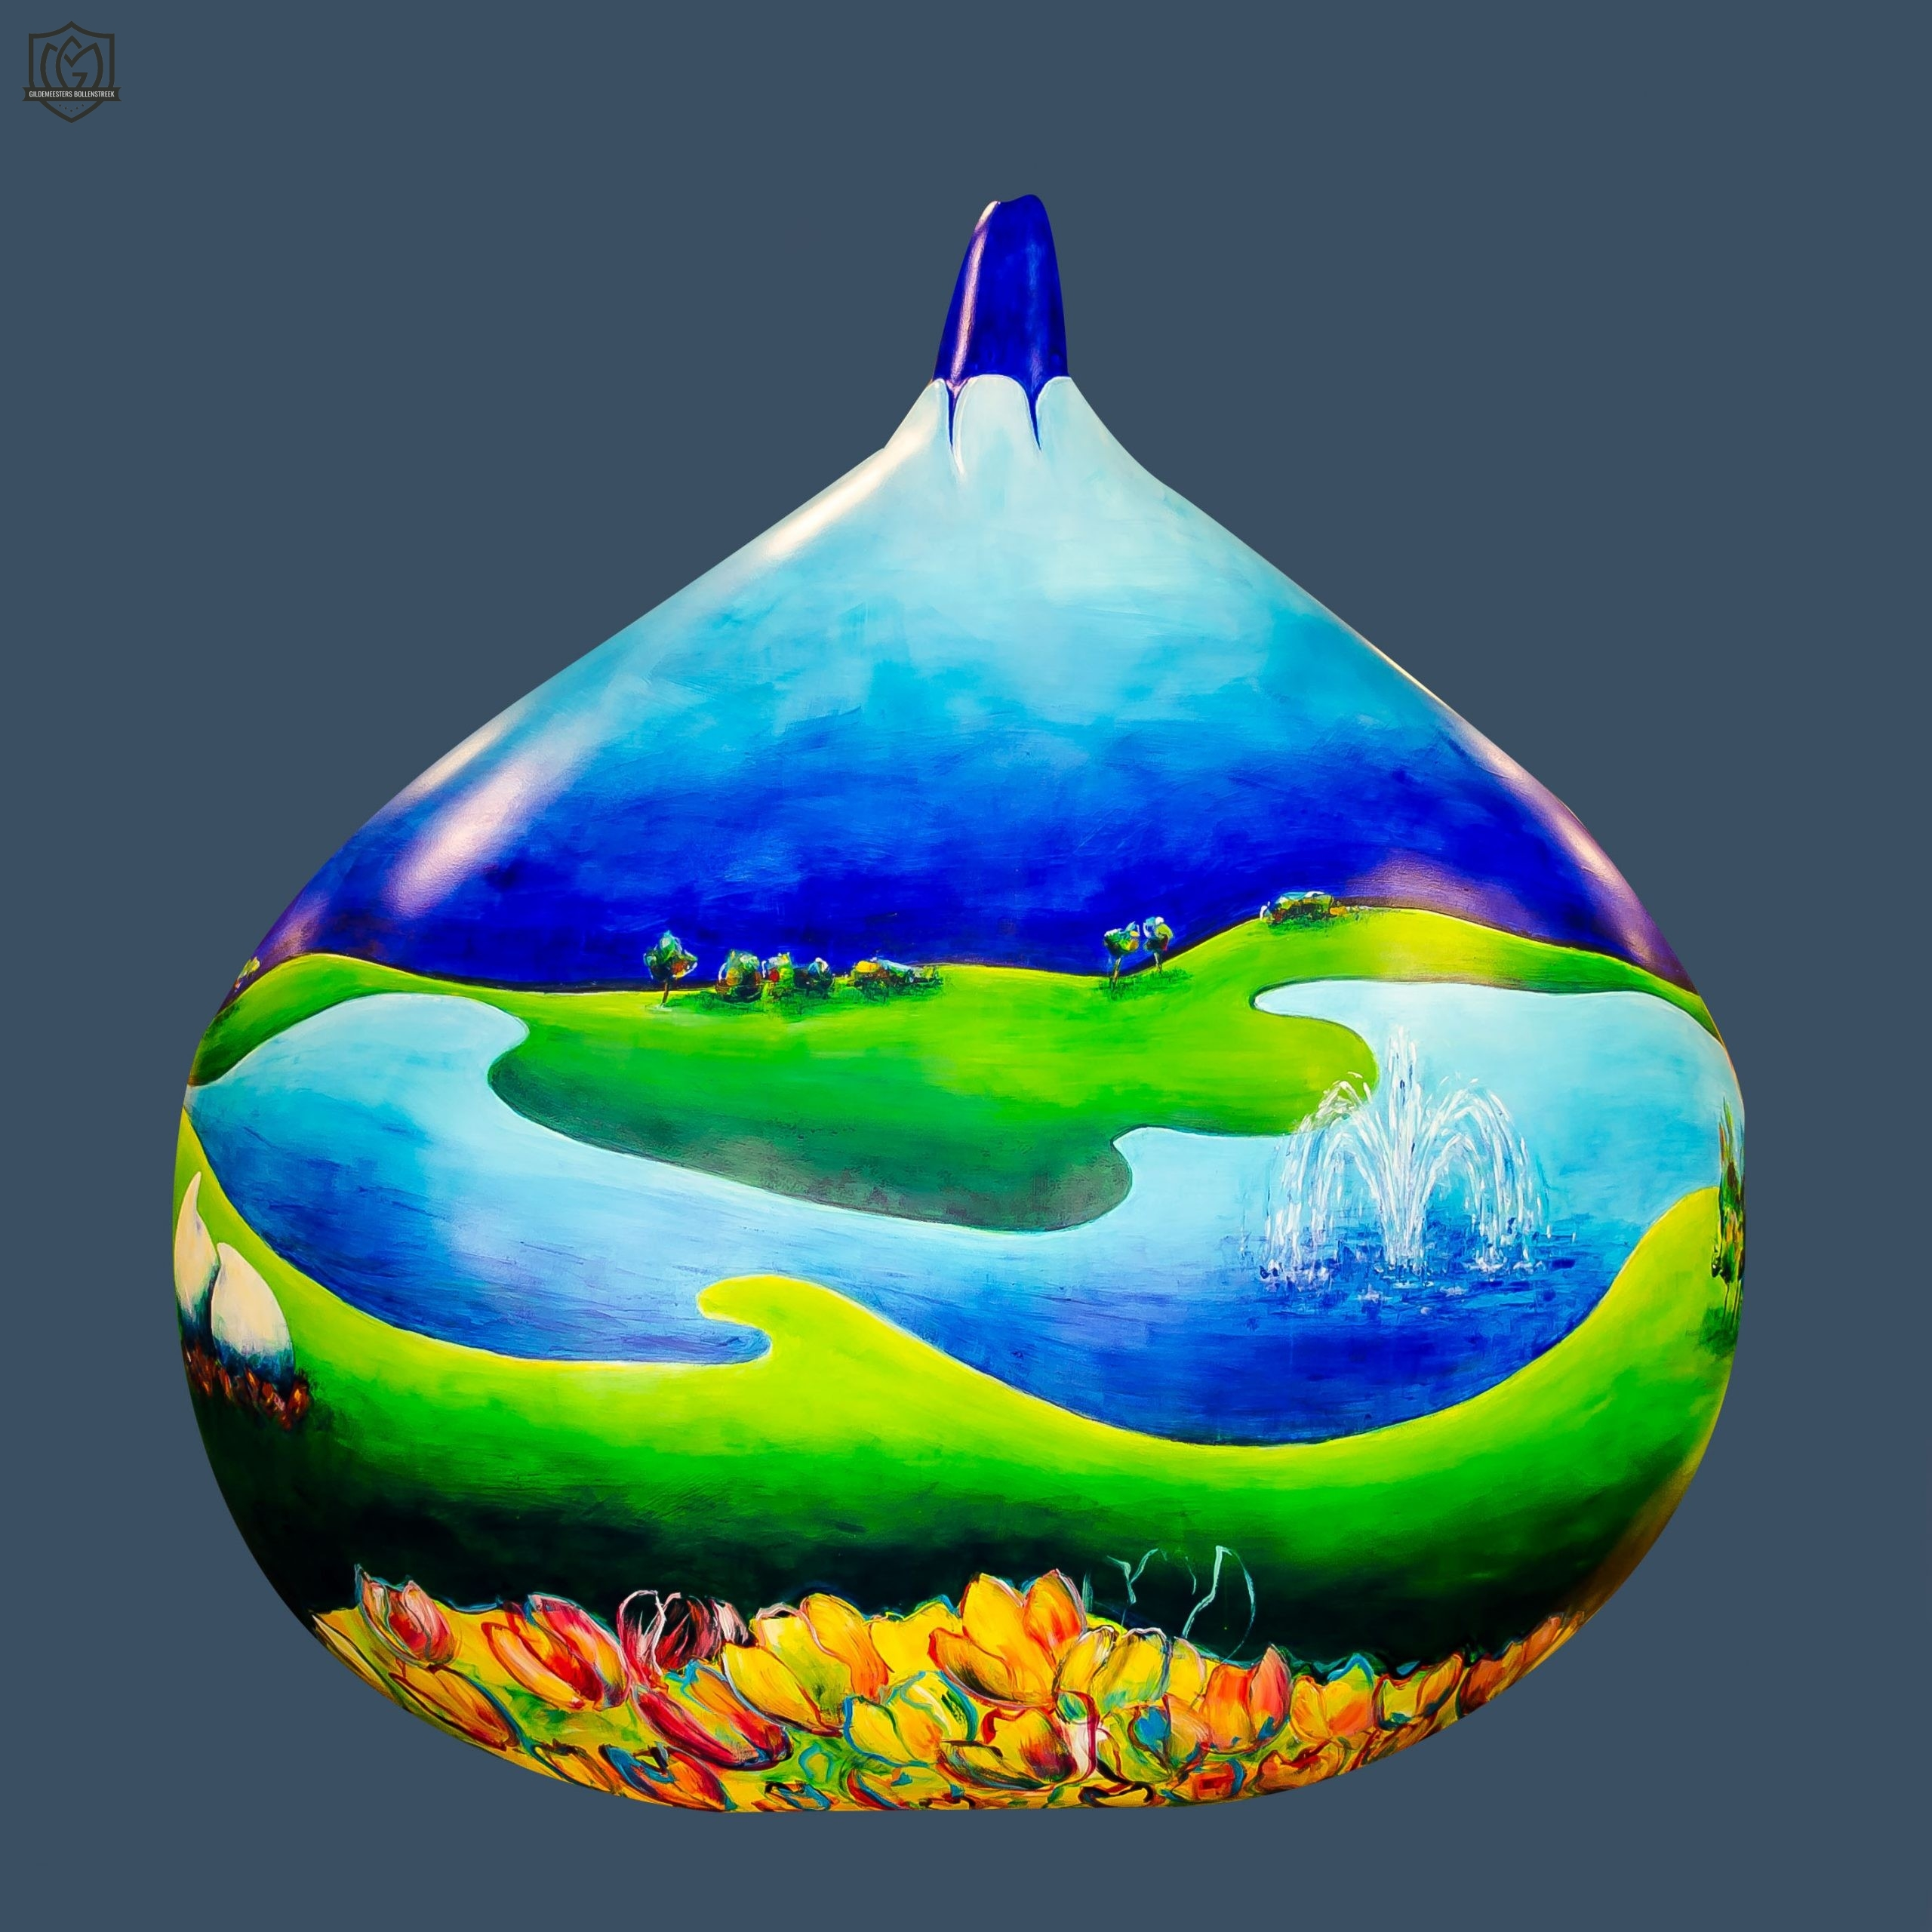 Reuzenbol 'rondje vijver' - annelies witjens